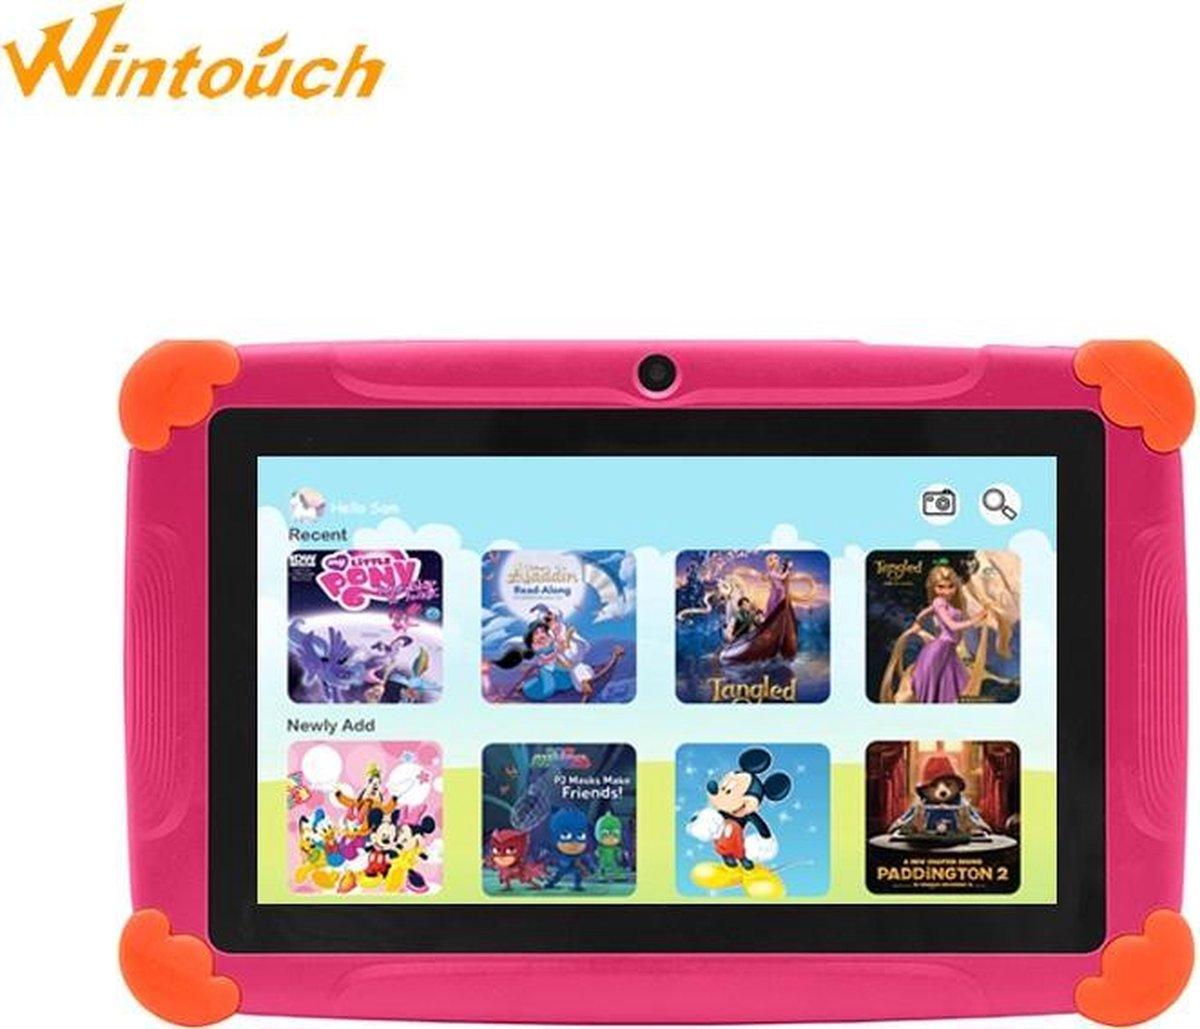 Kindertablet Pro Roze - Tablet 7 inch - 32 GB opslag - Kinder tablet - kindertablet vanaf 3 jaar - tablets kinderen - kids tablet - Scherp HD beeld - leerzame voor kinderen - Wifi Bluetooth - voor-achter camera - Play store - uitstekende batterij